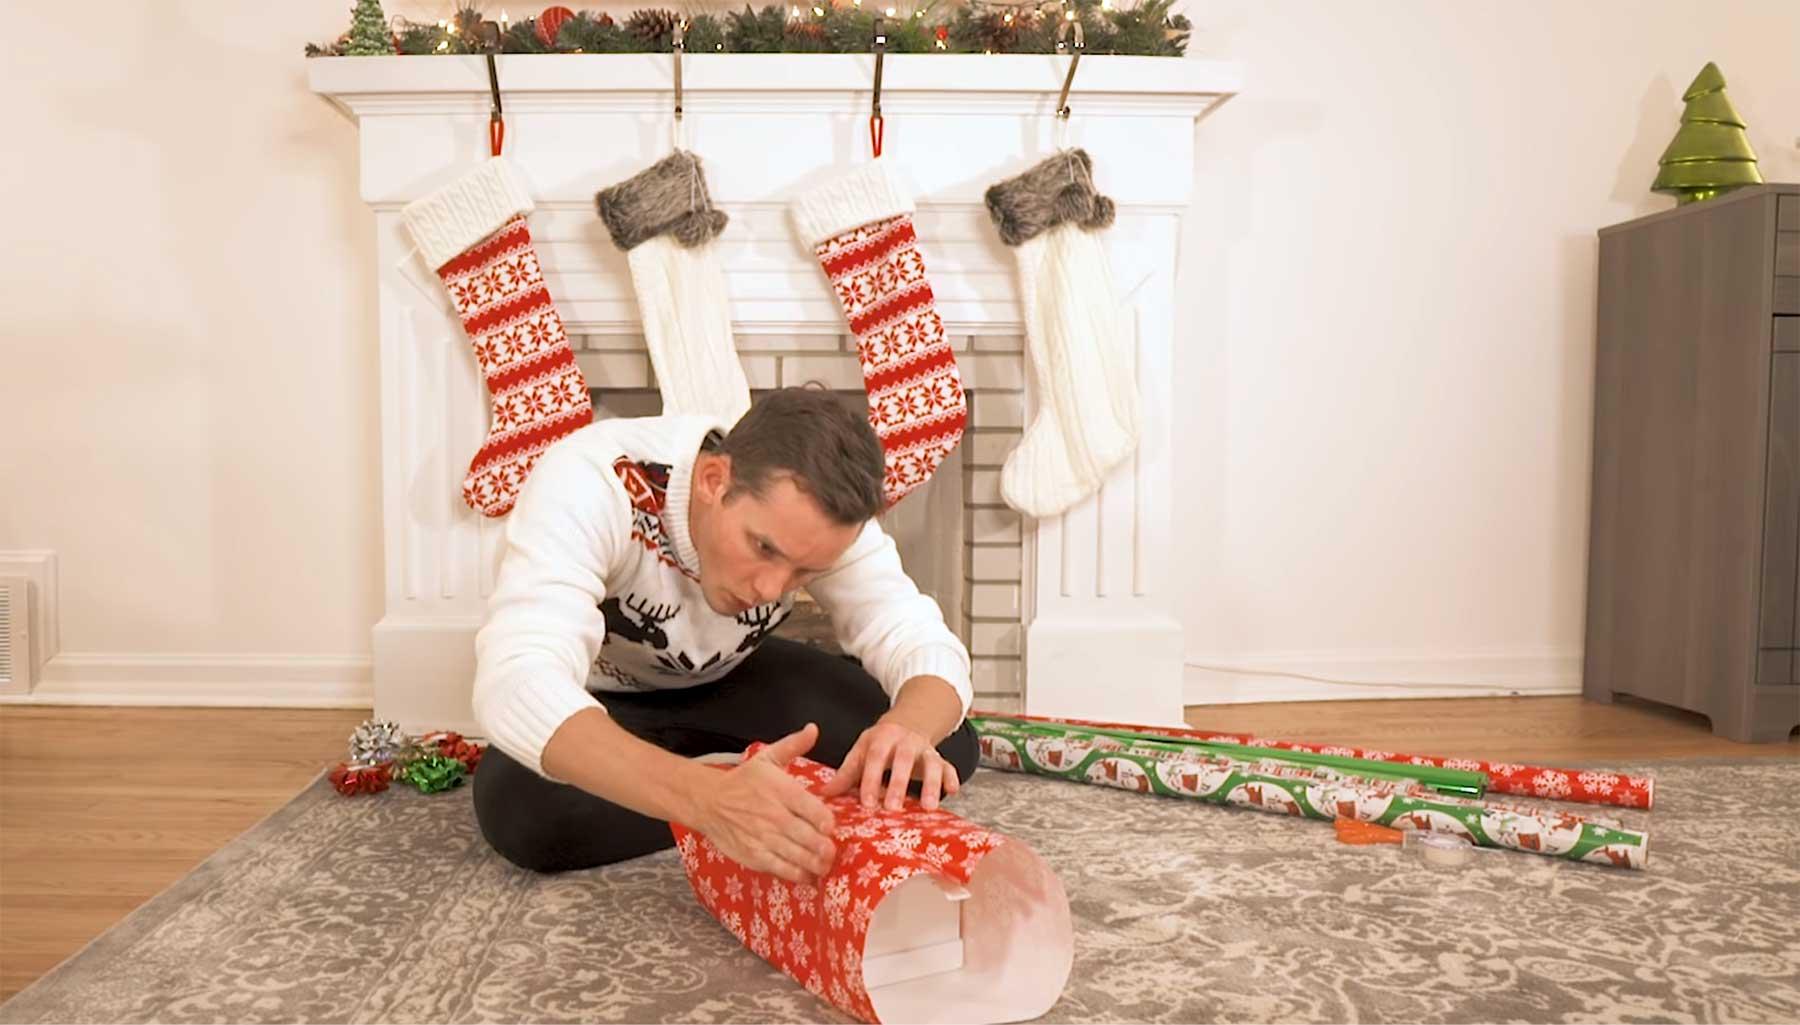 50 Arten, Weihnachtsgeschenke einzupacken 50-wege-geschenke-einzupacken